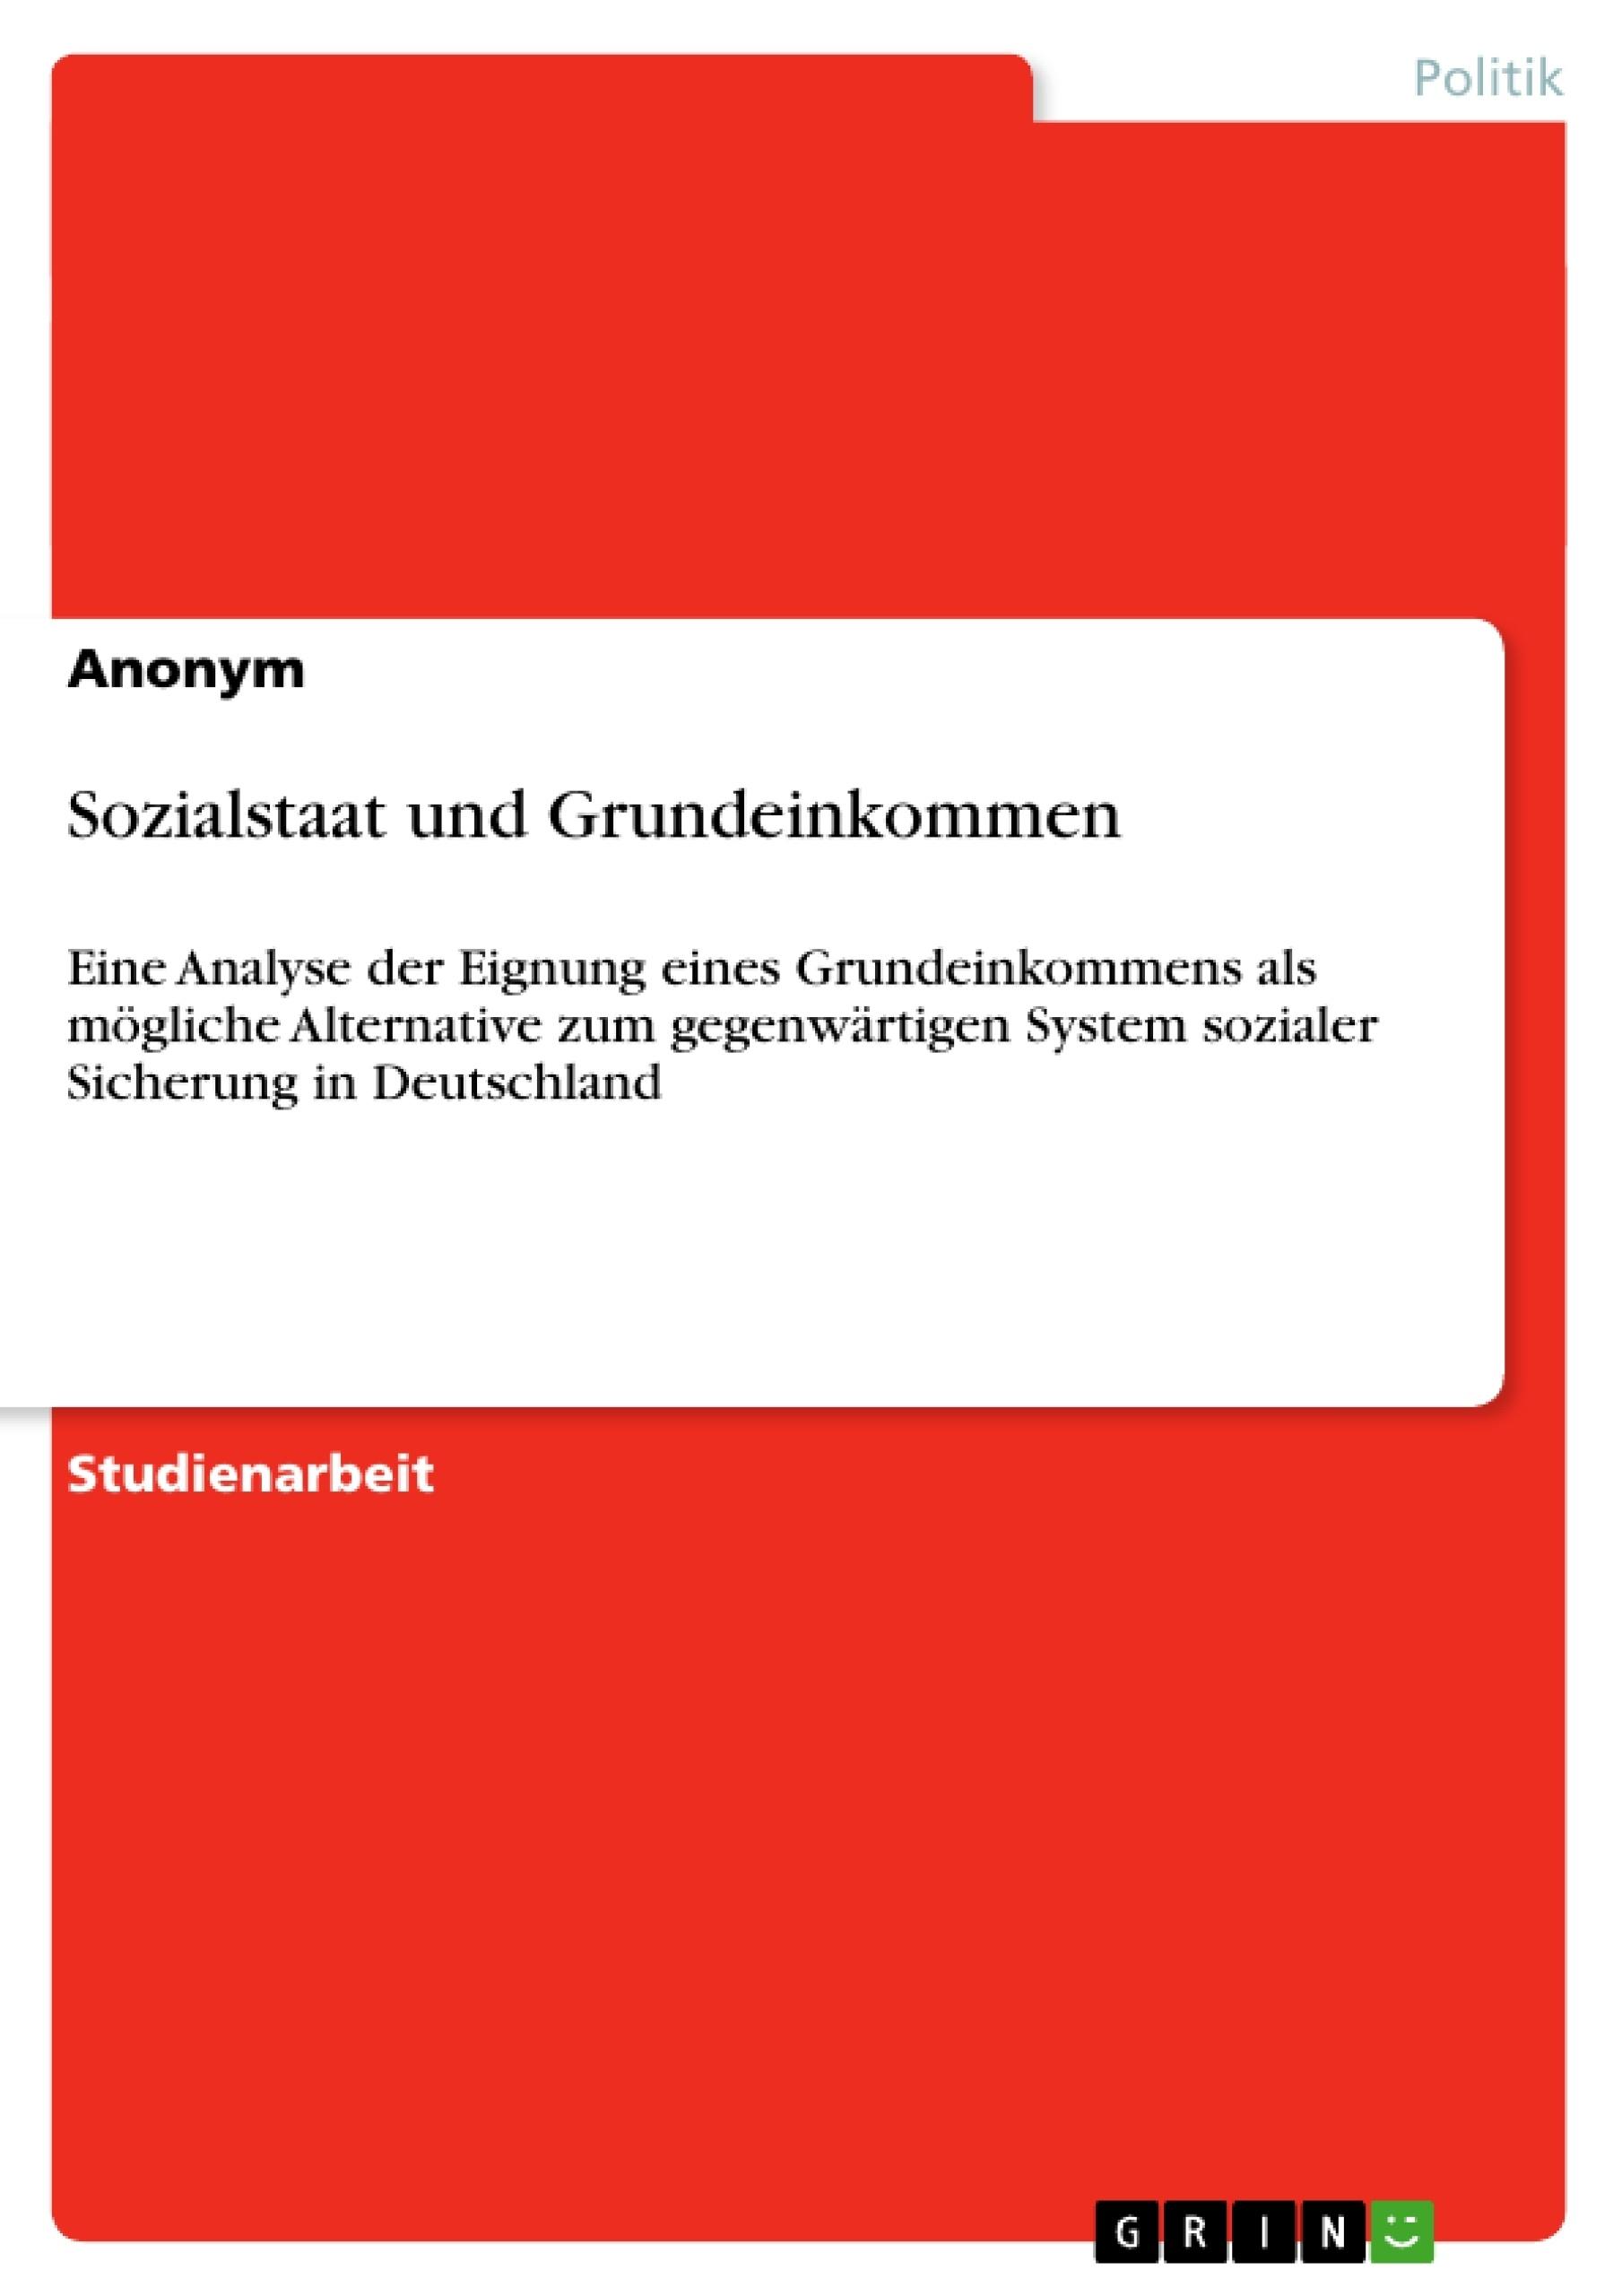 Titel: Sozialstaat und Grundeinkommen